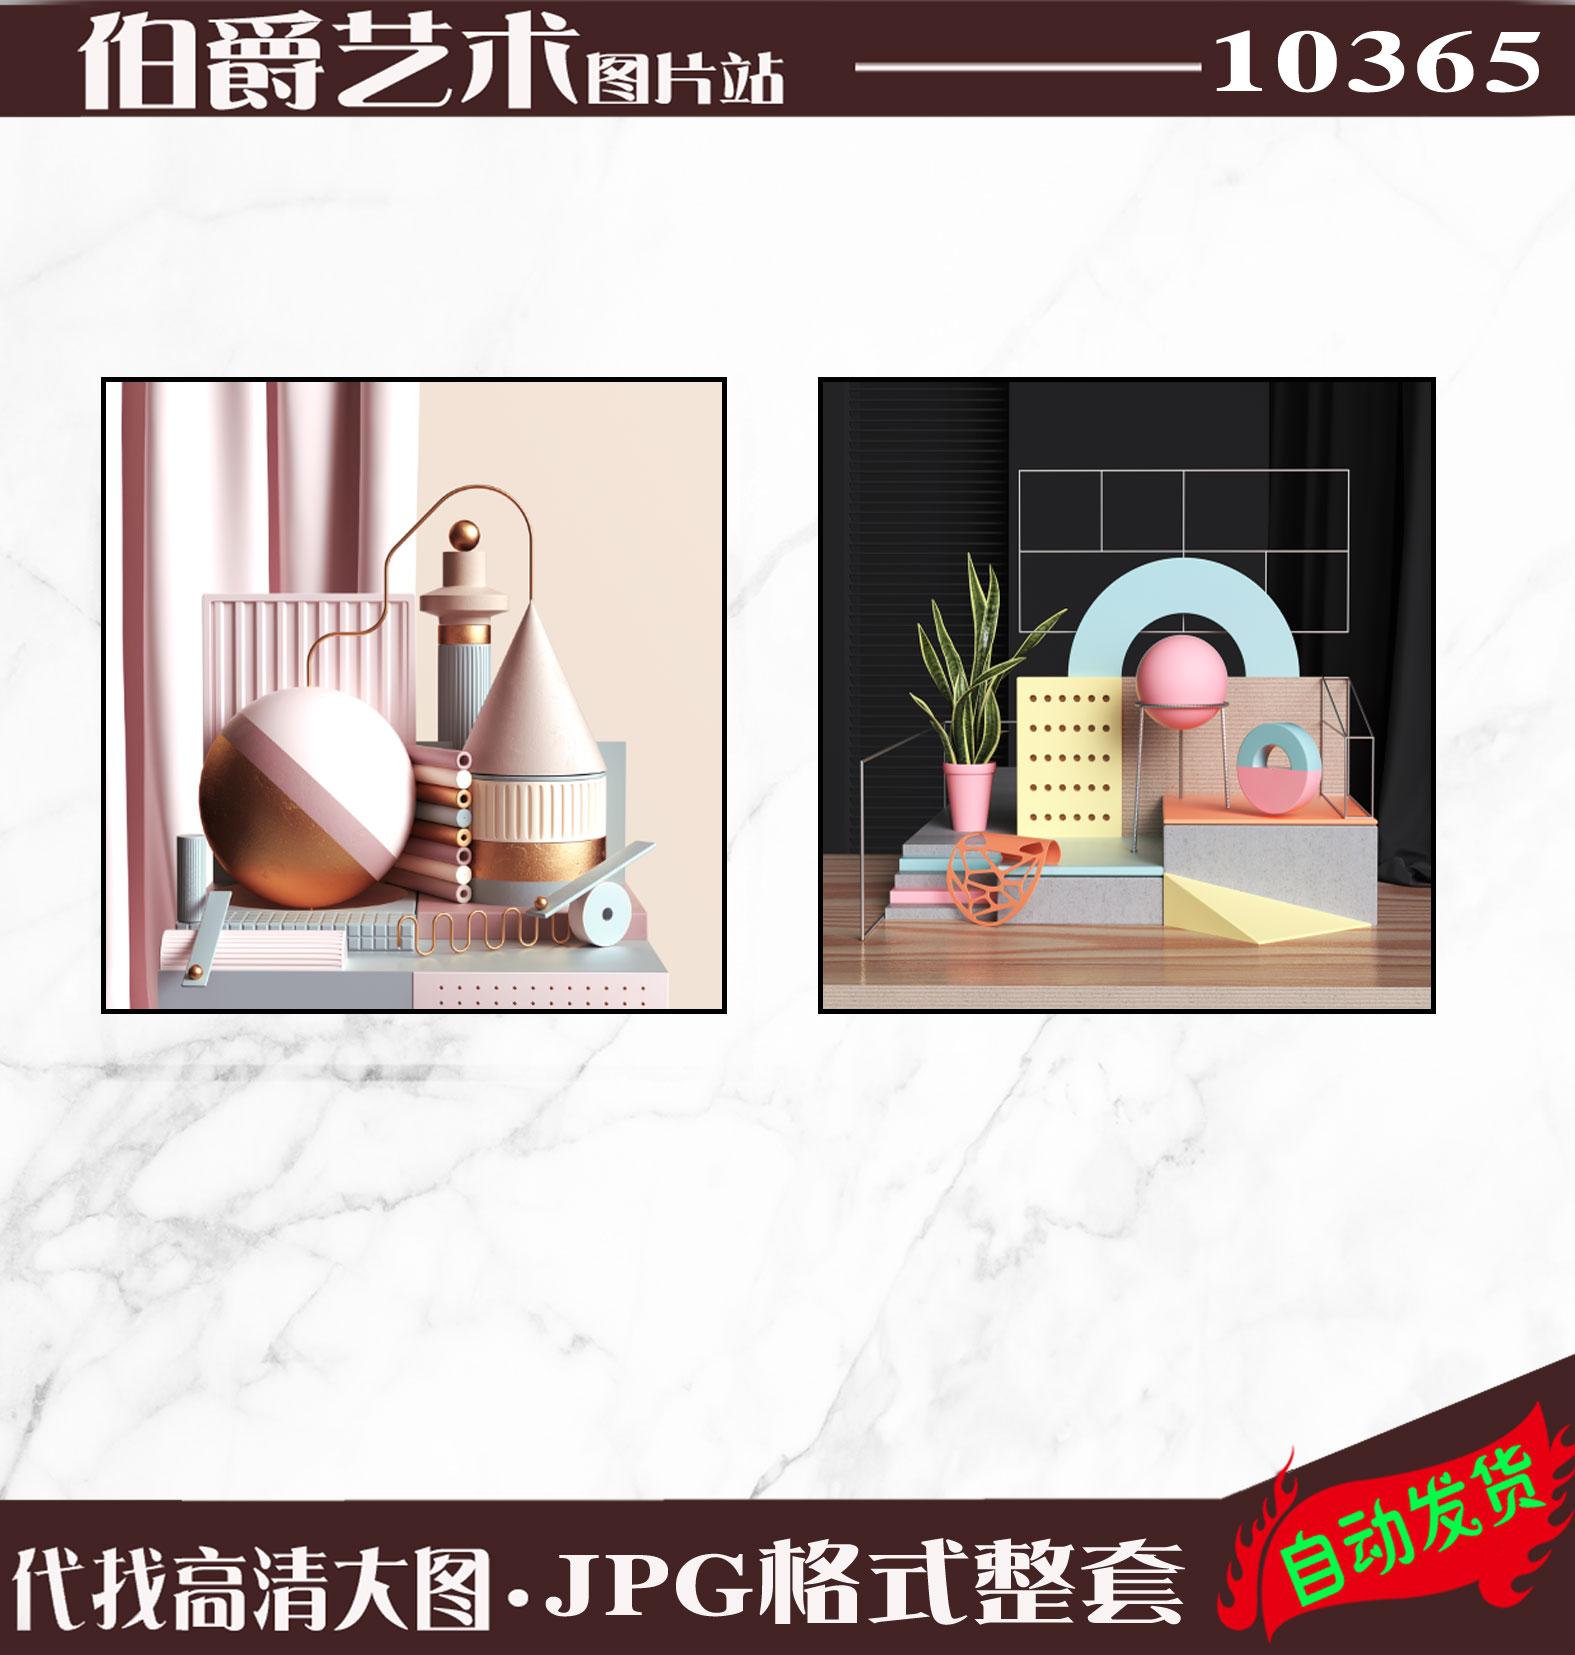 欧式抽象静物粉色花瓶几何实物装饰画儿房样板间挂画高清微喷画芯